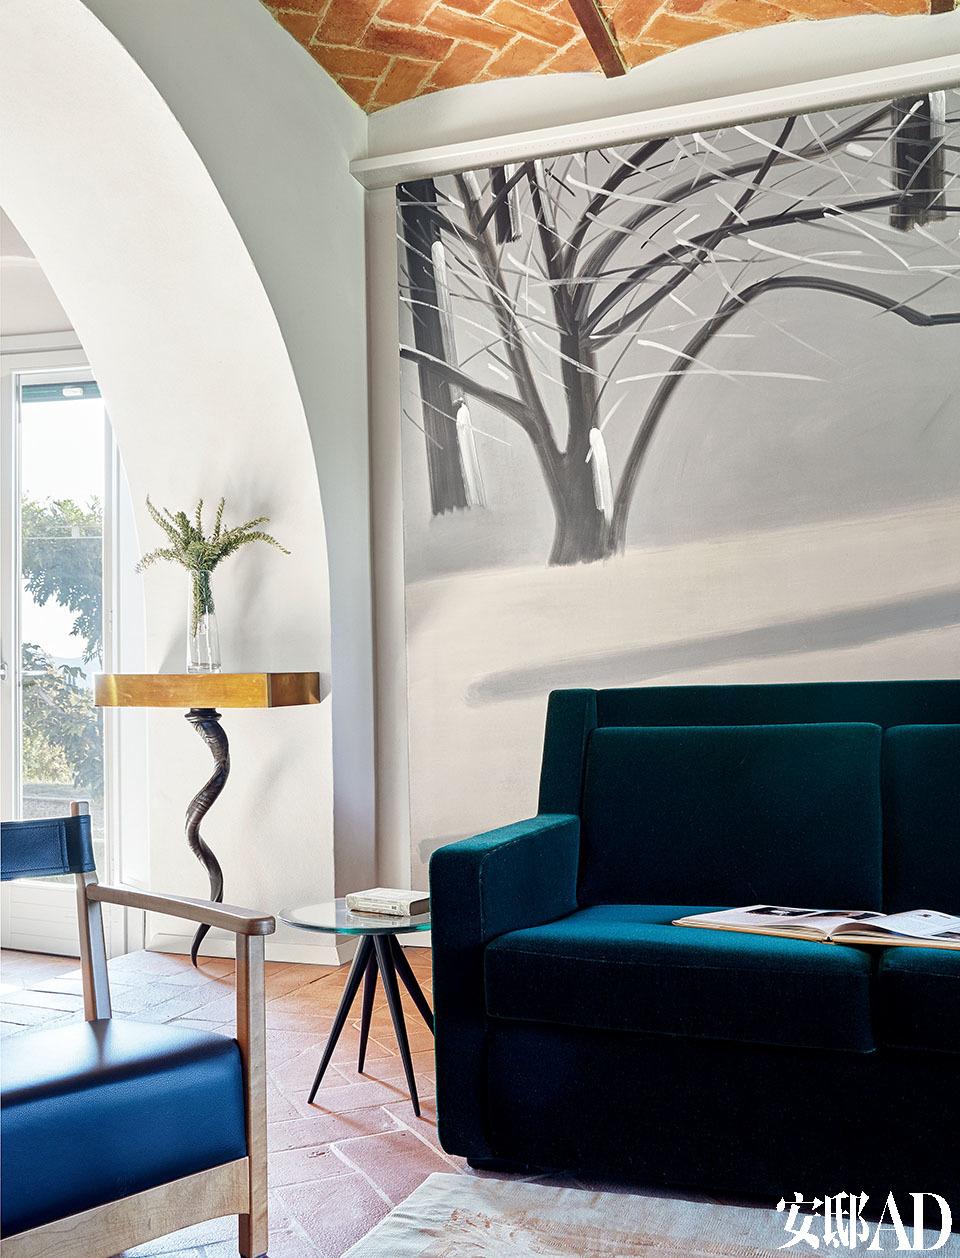 客厅里,沙发后面是Alex Katz作于2005年名为South Light 2 的作品。沙发右侧是艺术家Pascale Marthine Tayou作于2010年的雕塑作品Fashion Street。它由两个以玻璃为基础运用混合技术制作的人形雕塑组成。